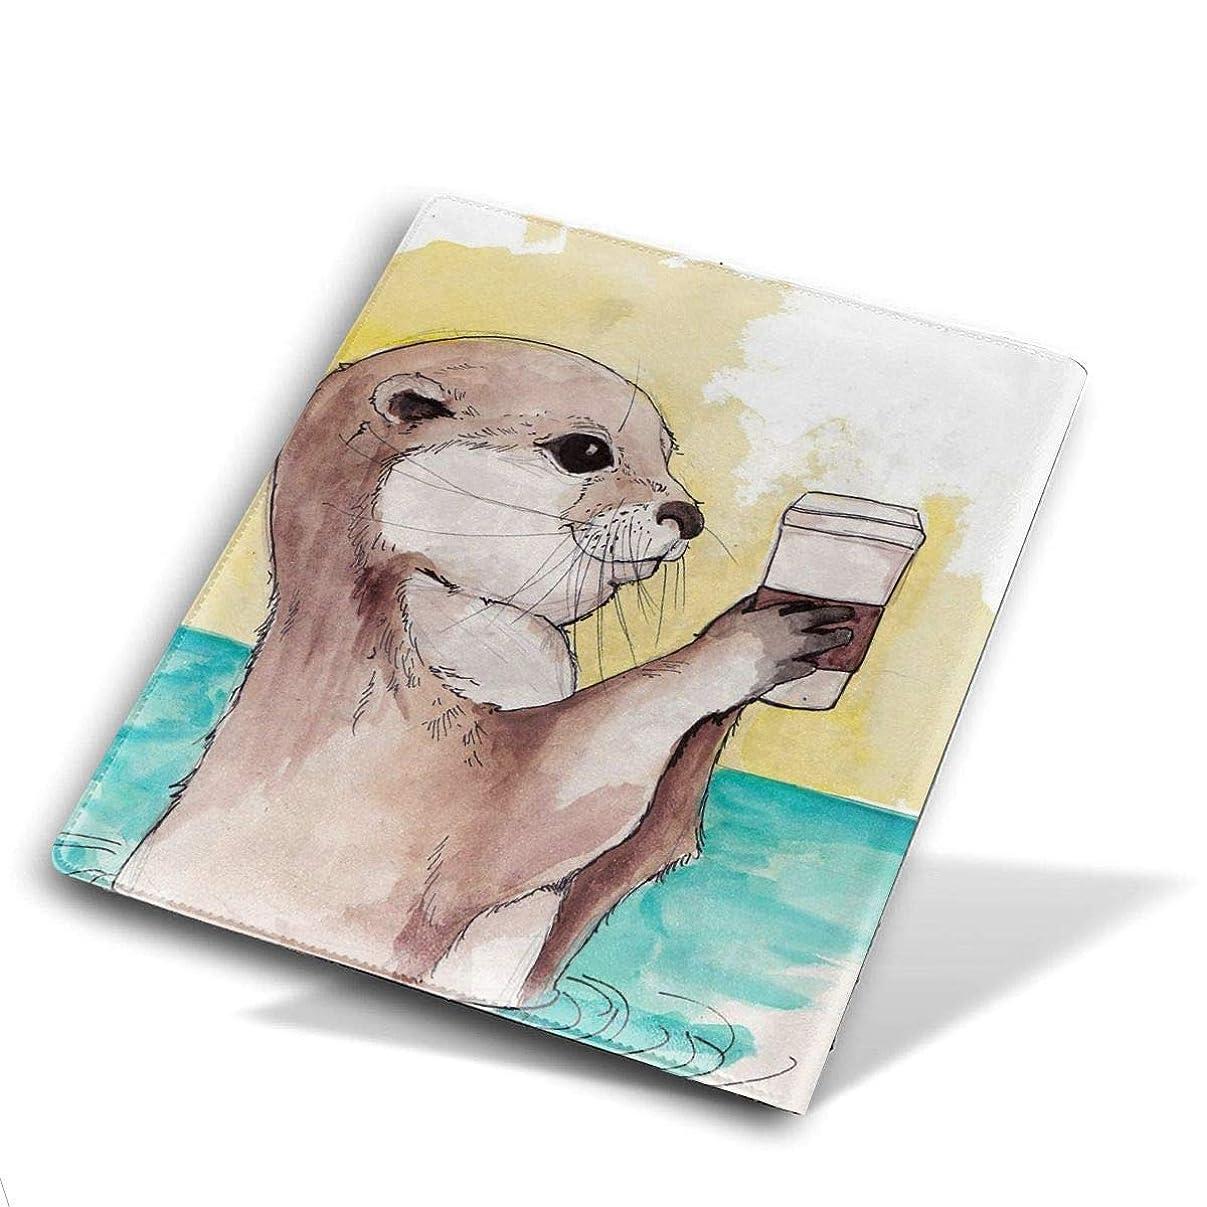 歩く熟考する苦悩高品質 レザー ブックカバー 本革 かわいいプリント付き 耐水性 教科書 ノート 漫画用 Size 28*51 Cm Watercolor Otter Painting カワウソ 川獺